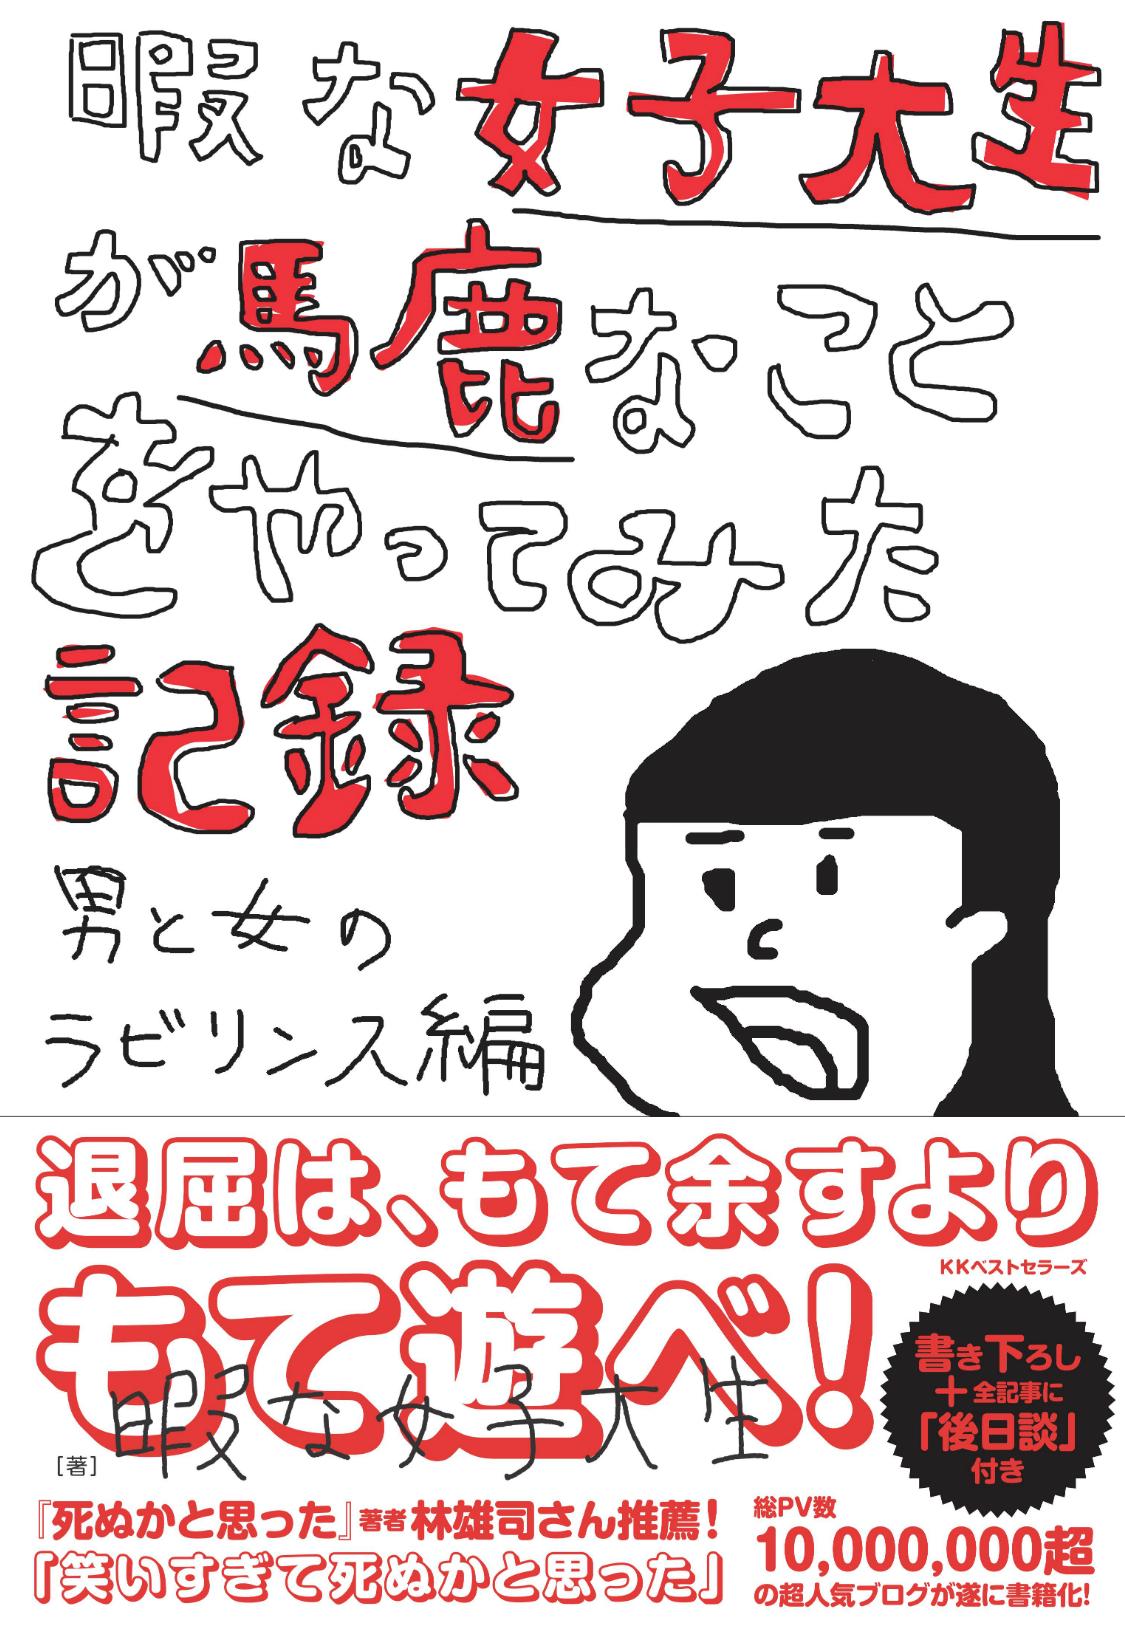 「暇な女子大生×森もり子」スペシャル対談!